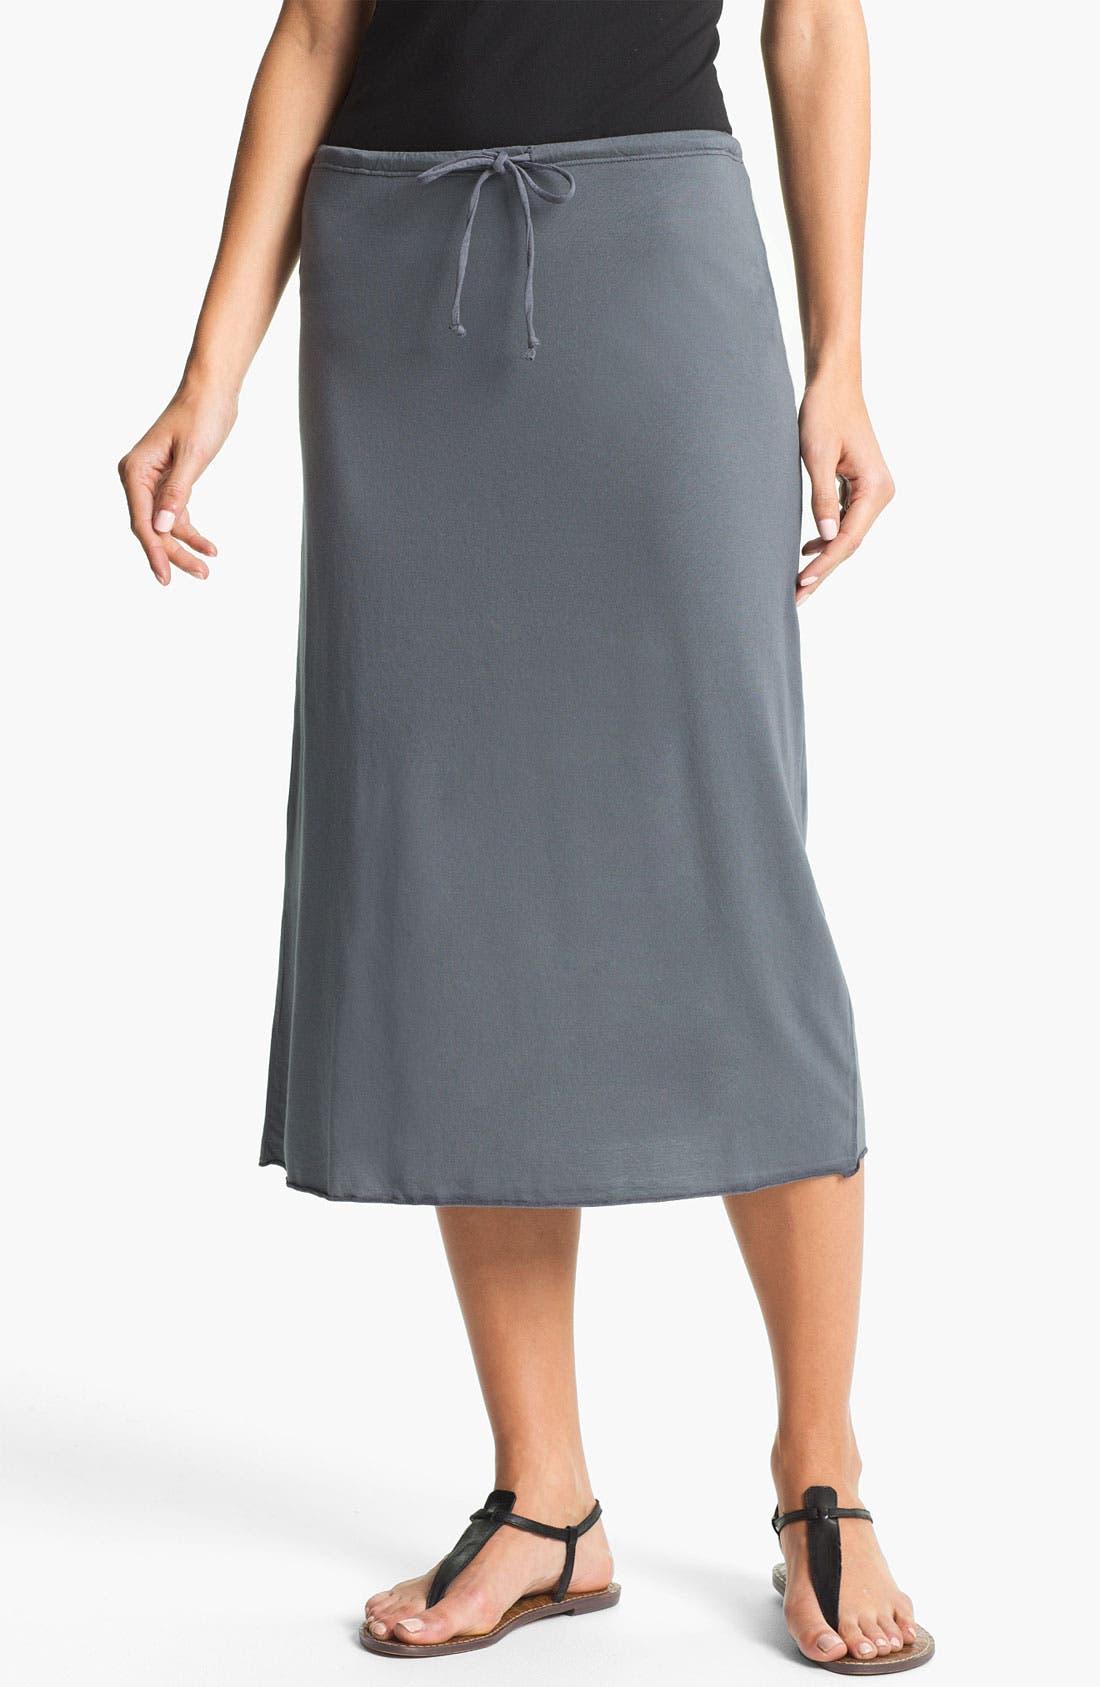 Alternate Image 1 Selected - Allen Allen Tube Skirt